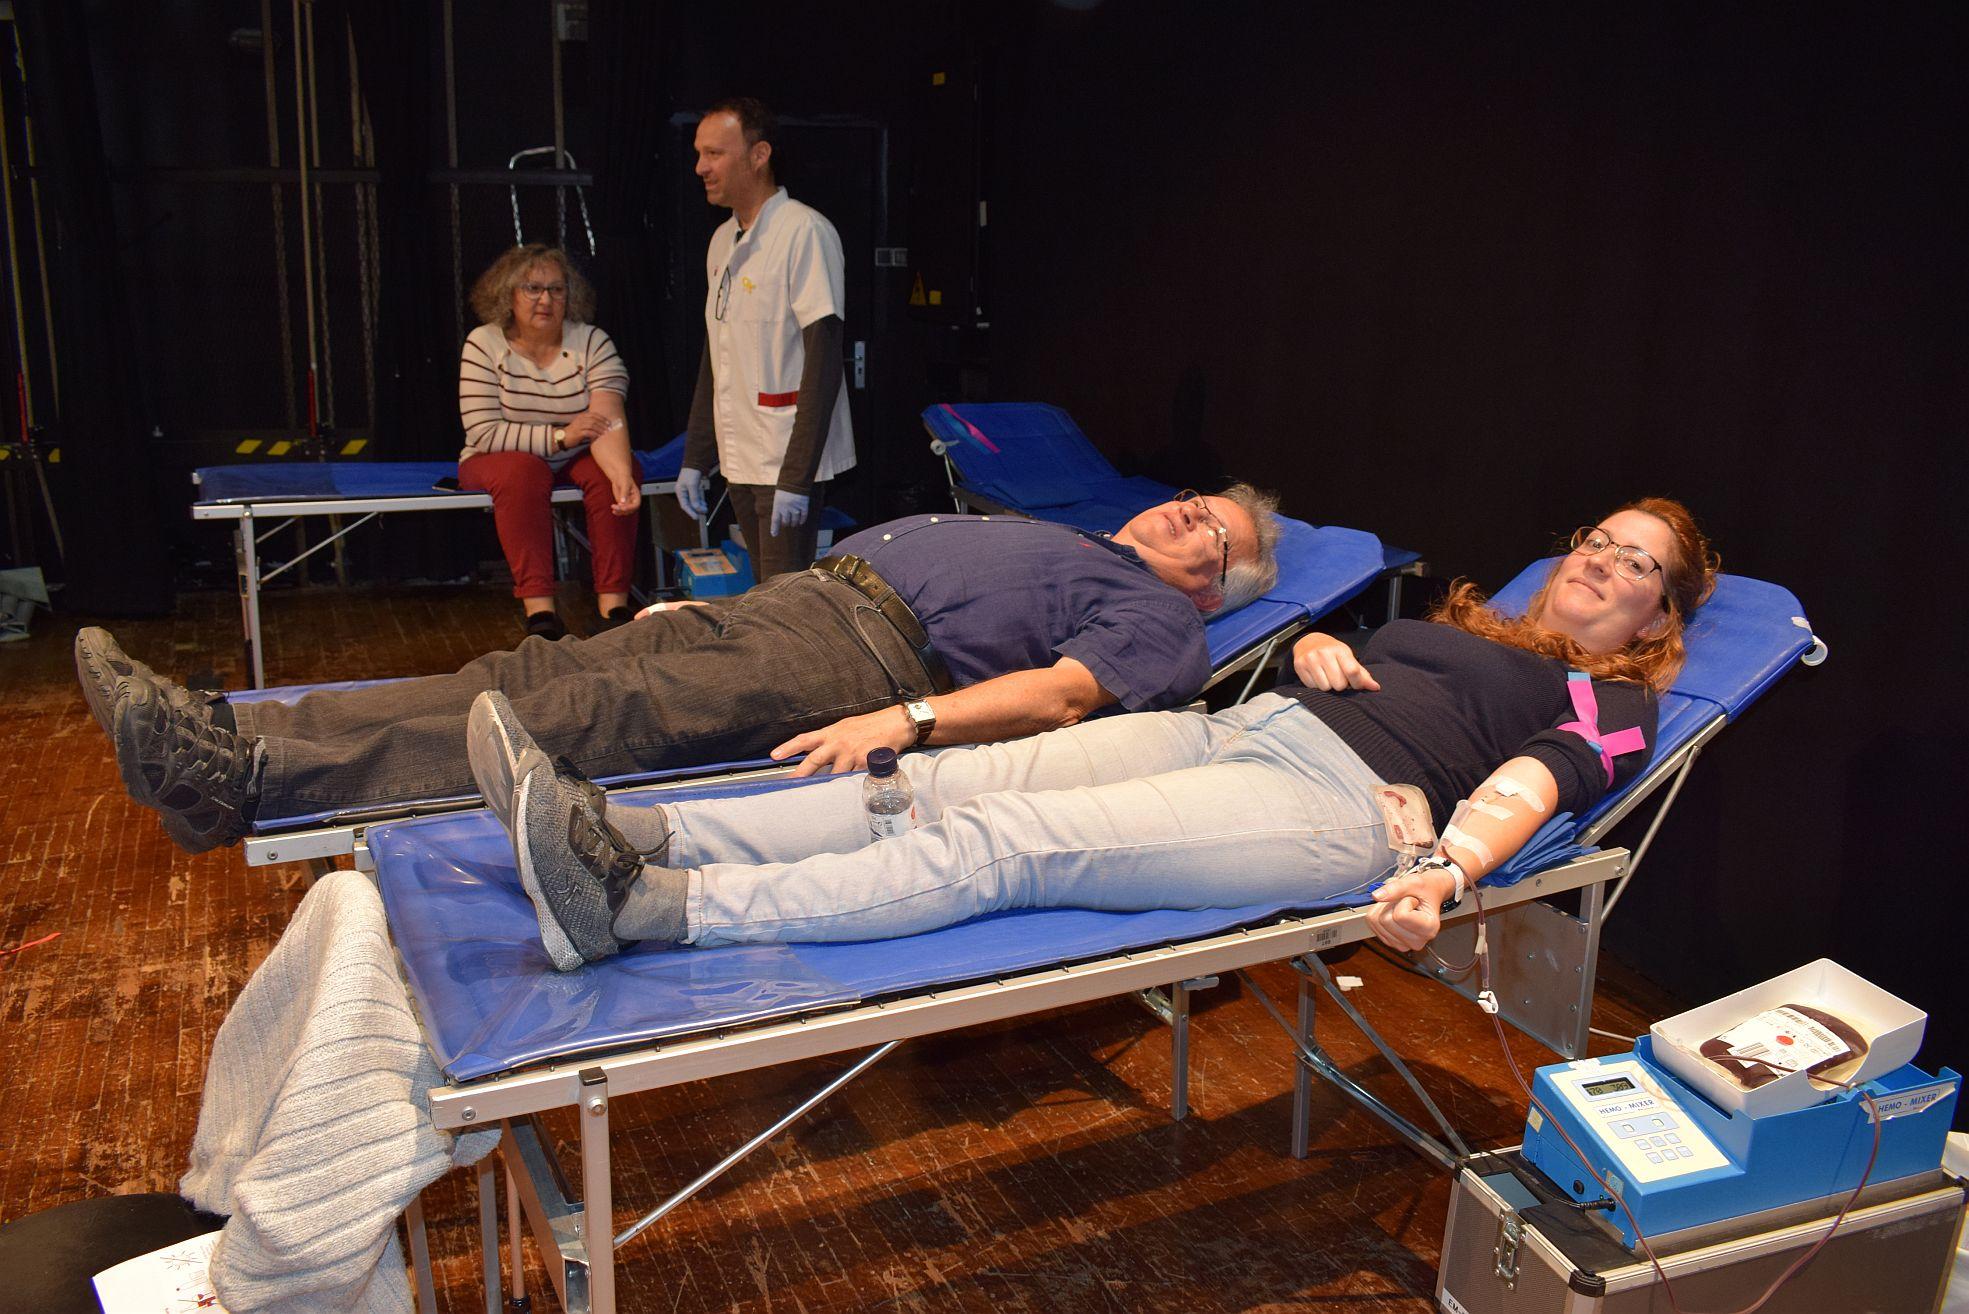 Un moment de la marató de donació de sang